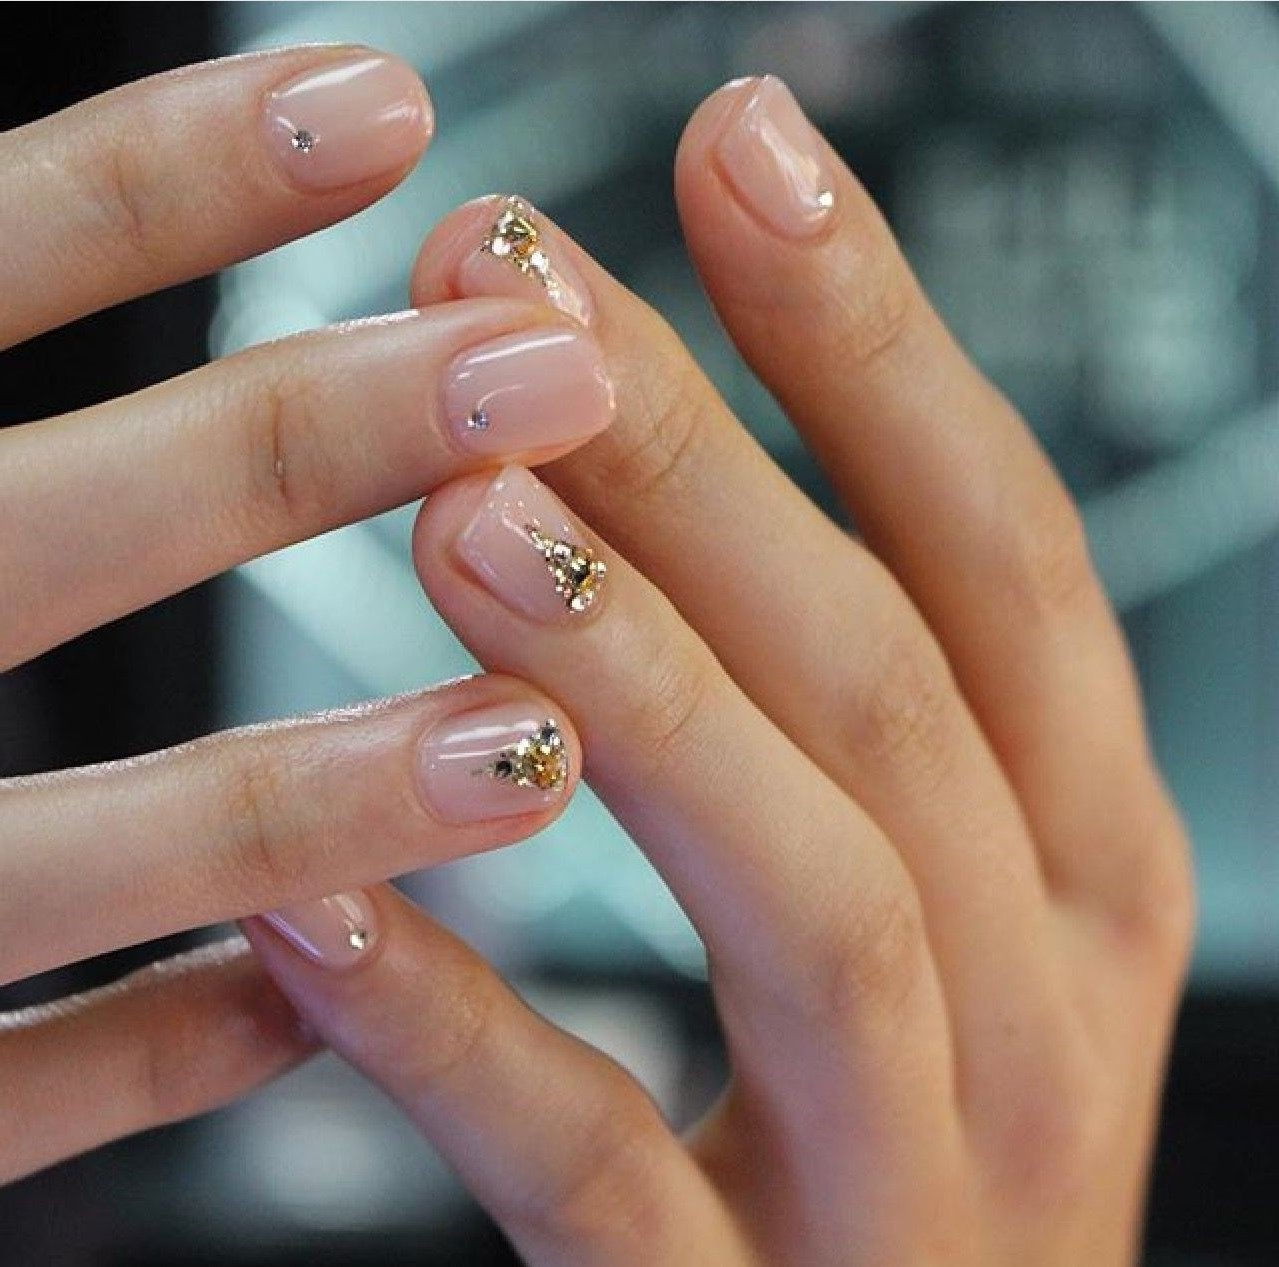 Vernis à ongles nude avec des éléments dorés.